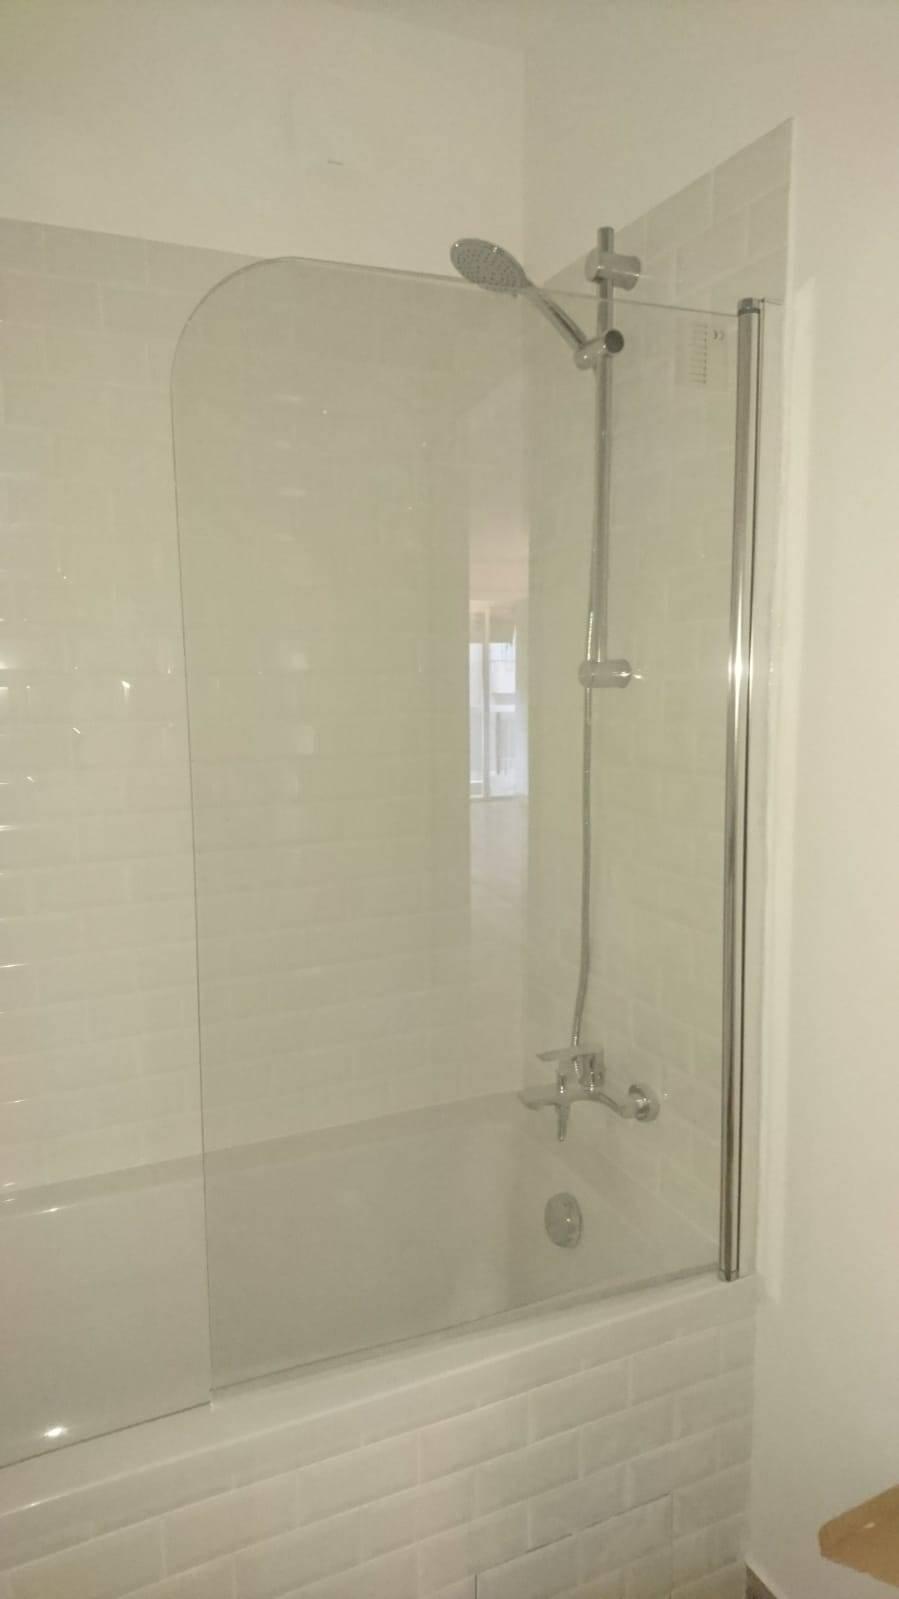 Salle De Bain Antibes rénovation complète du sol et de la salle de bain, sur